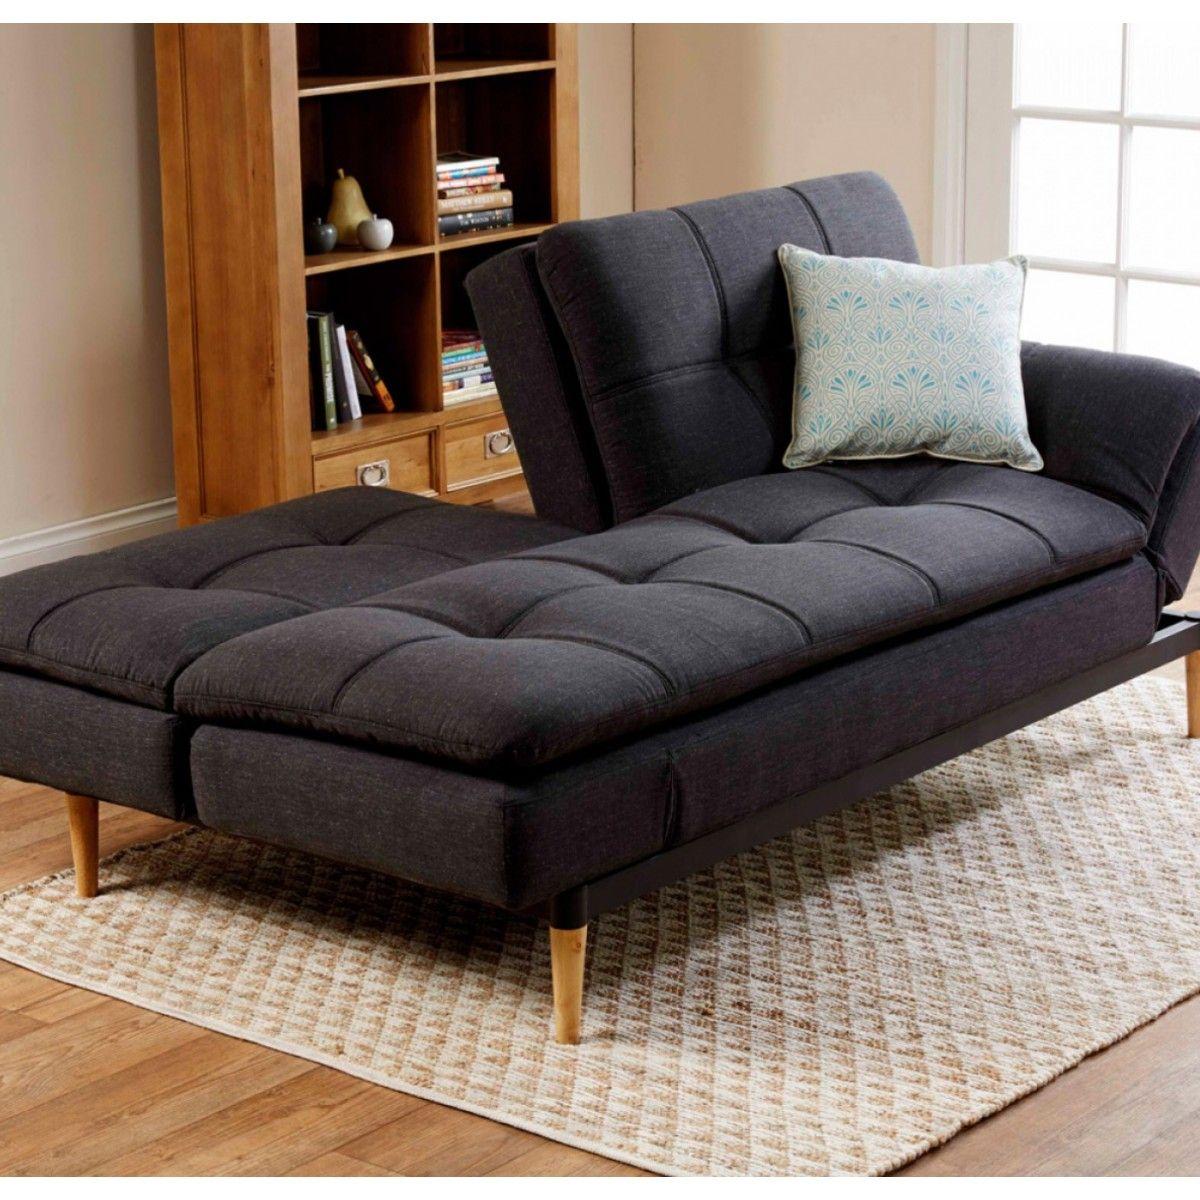 Early Settler NZ 1,300 Da Vinci Sofa Bed Charcoal Sofa